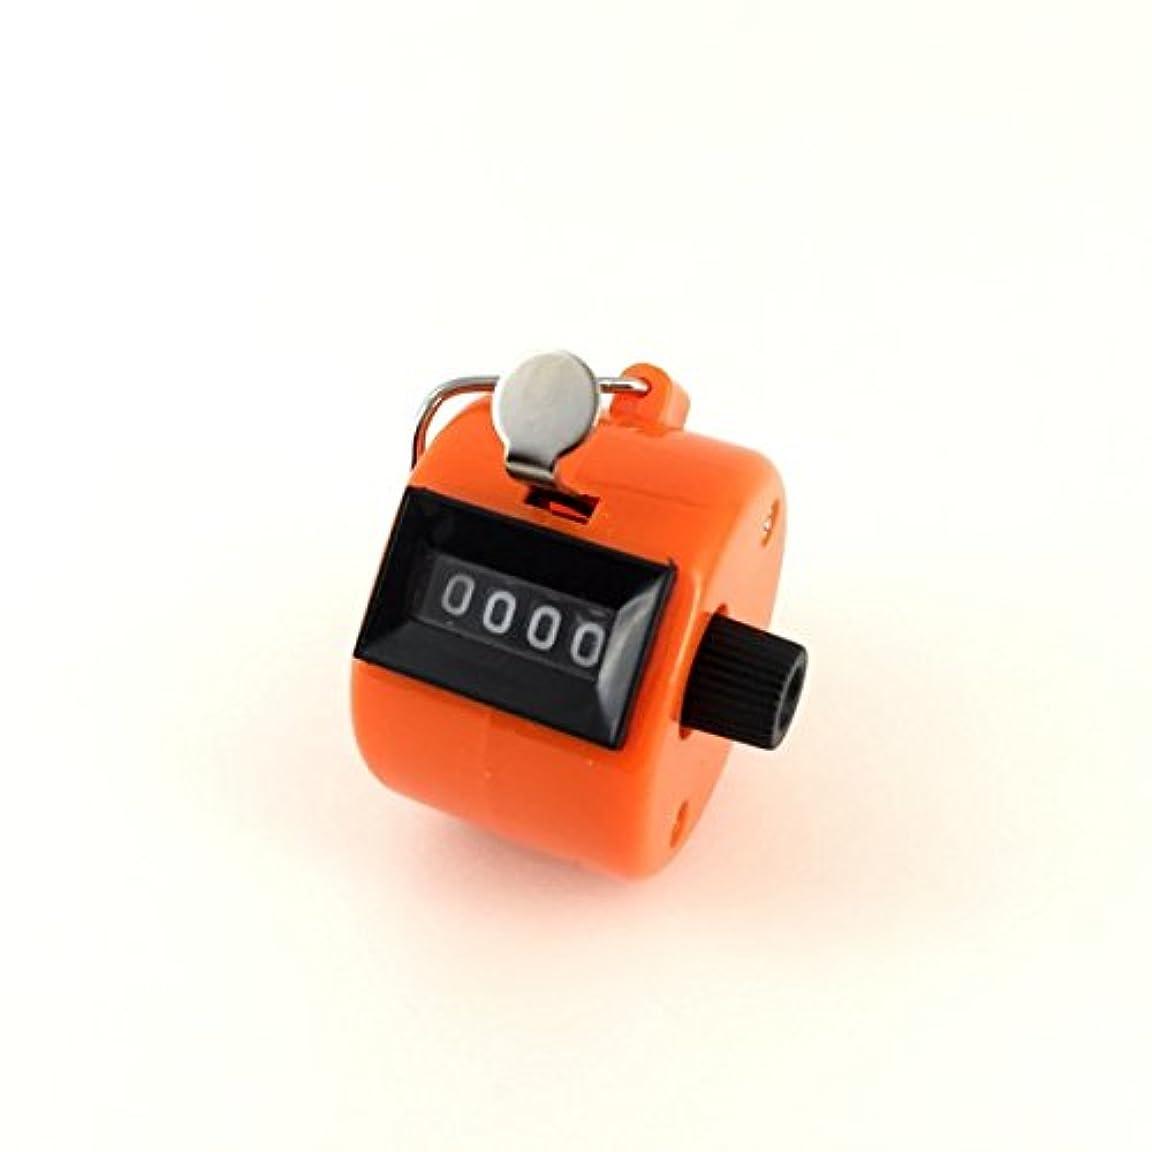 バスルーム電話フリルエクステカウンター 手持ちホルダー付き 数取器 まつげエクステ用品 カラー4色 (オレンジ)